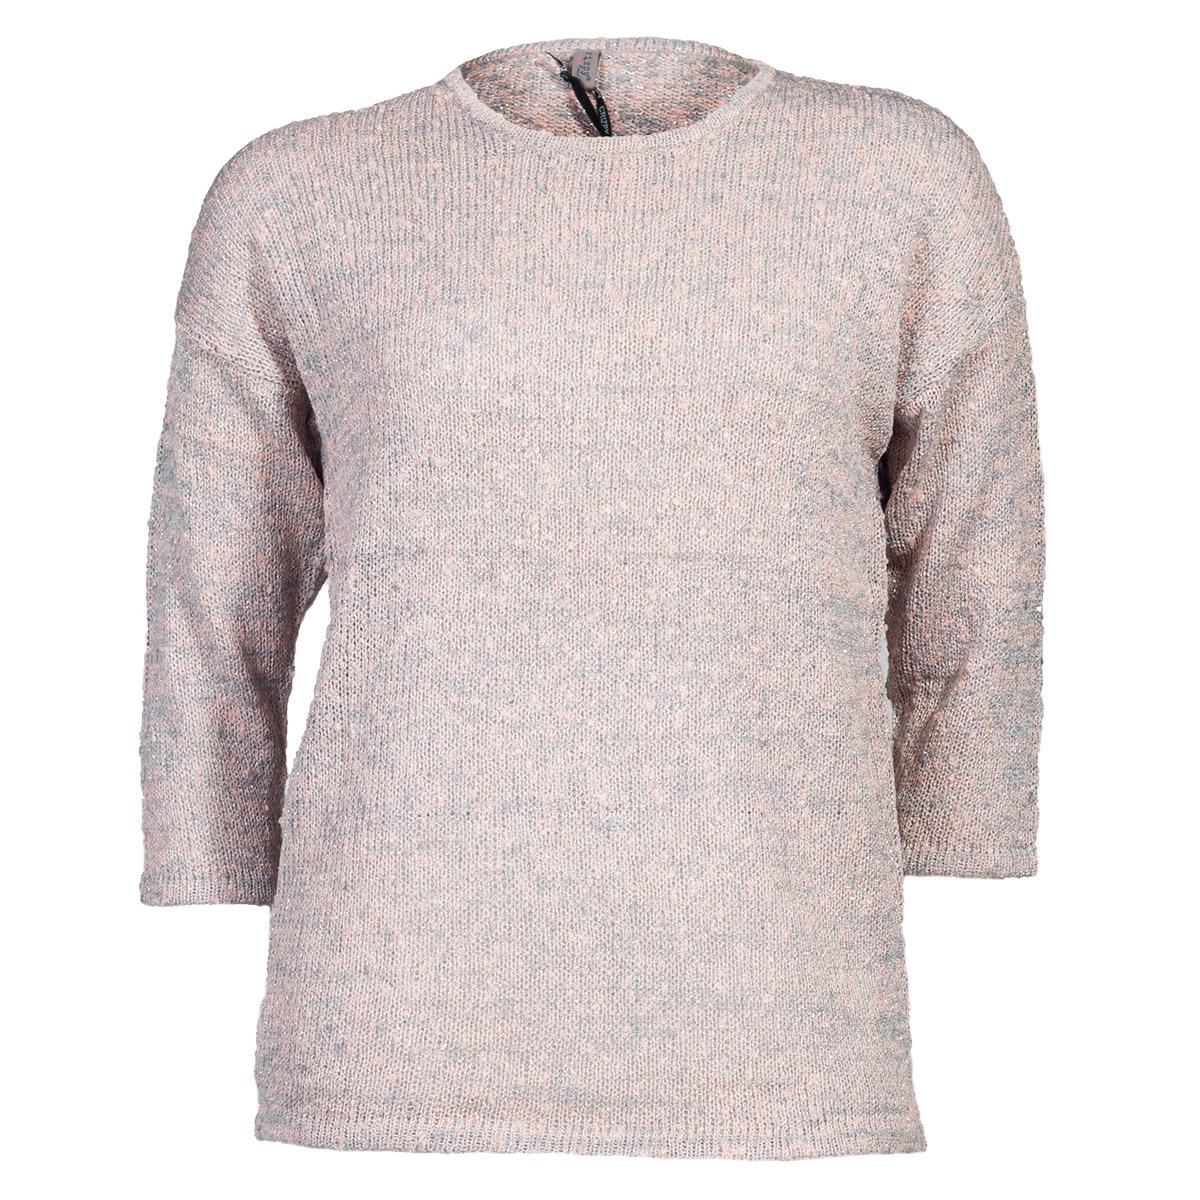 Rosa/ grå strik pullover